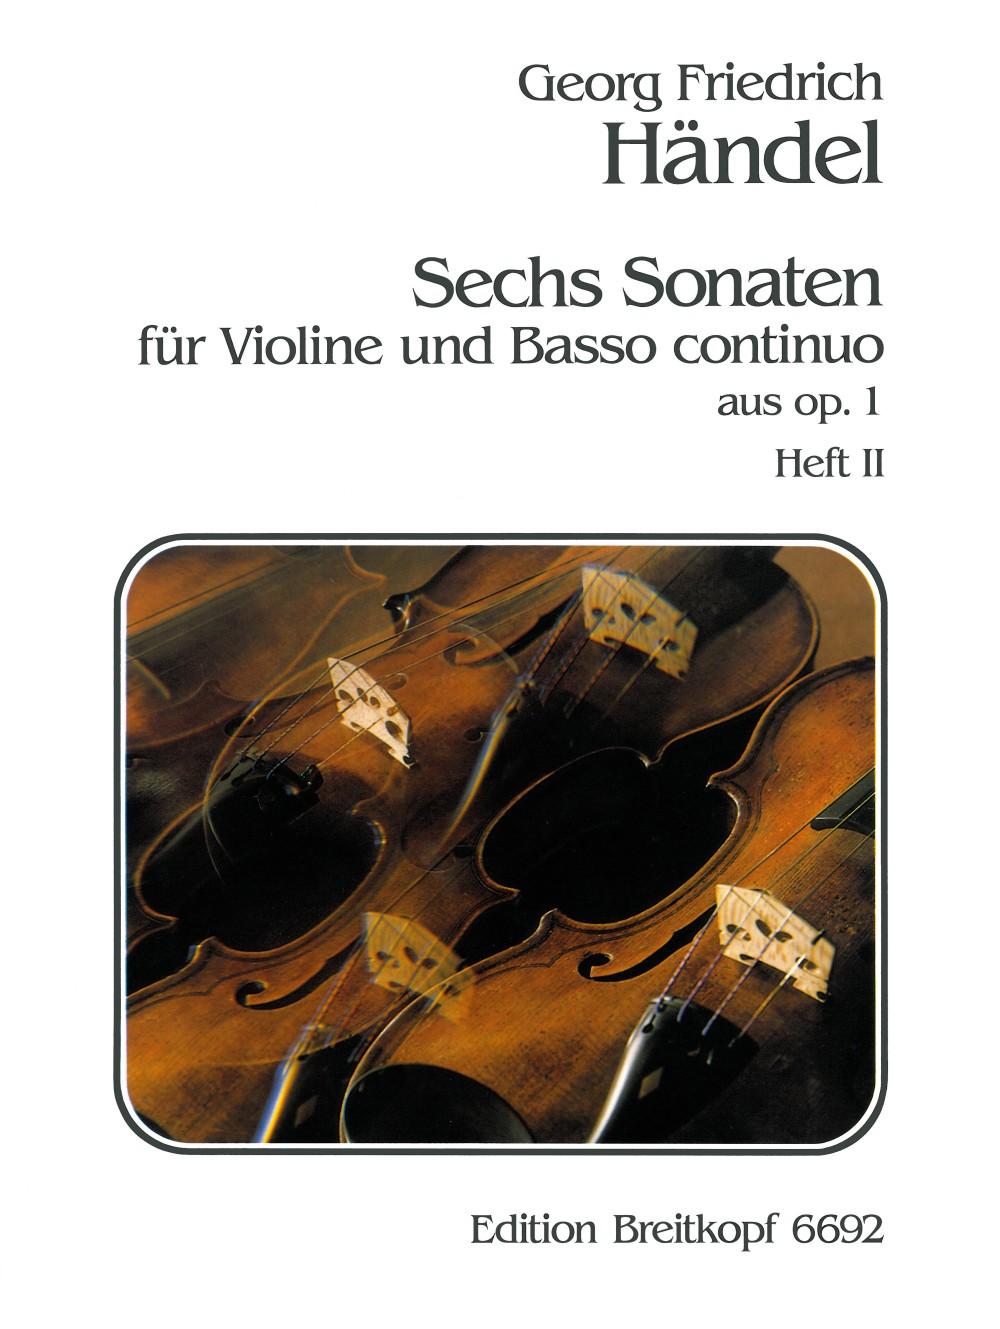 6 Sonatas Op. 1